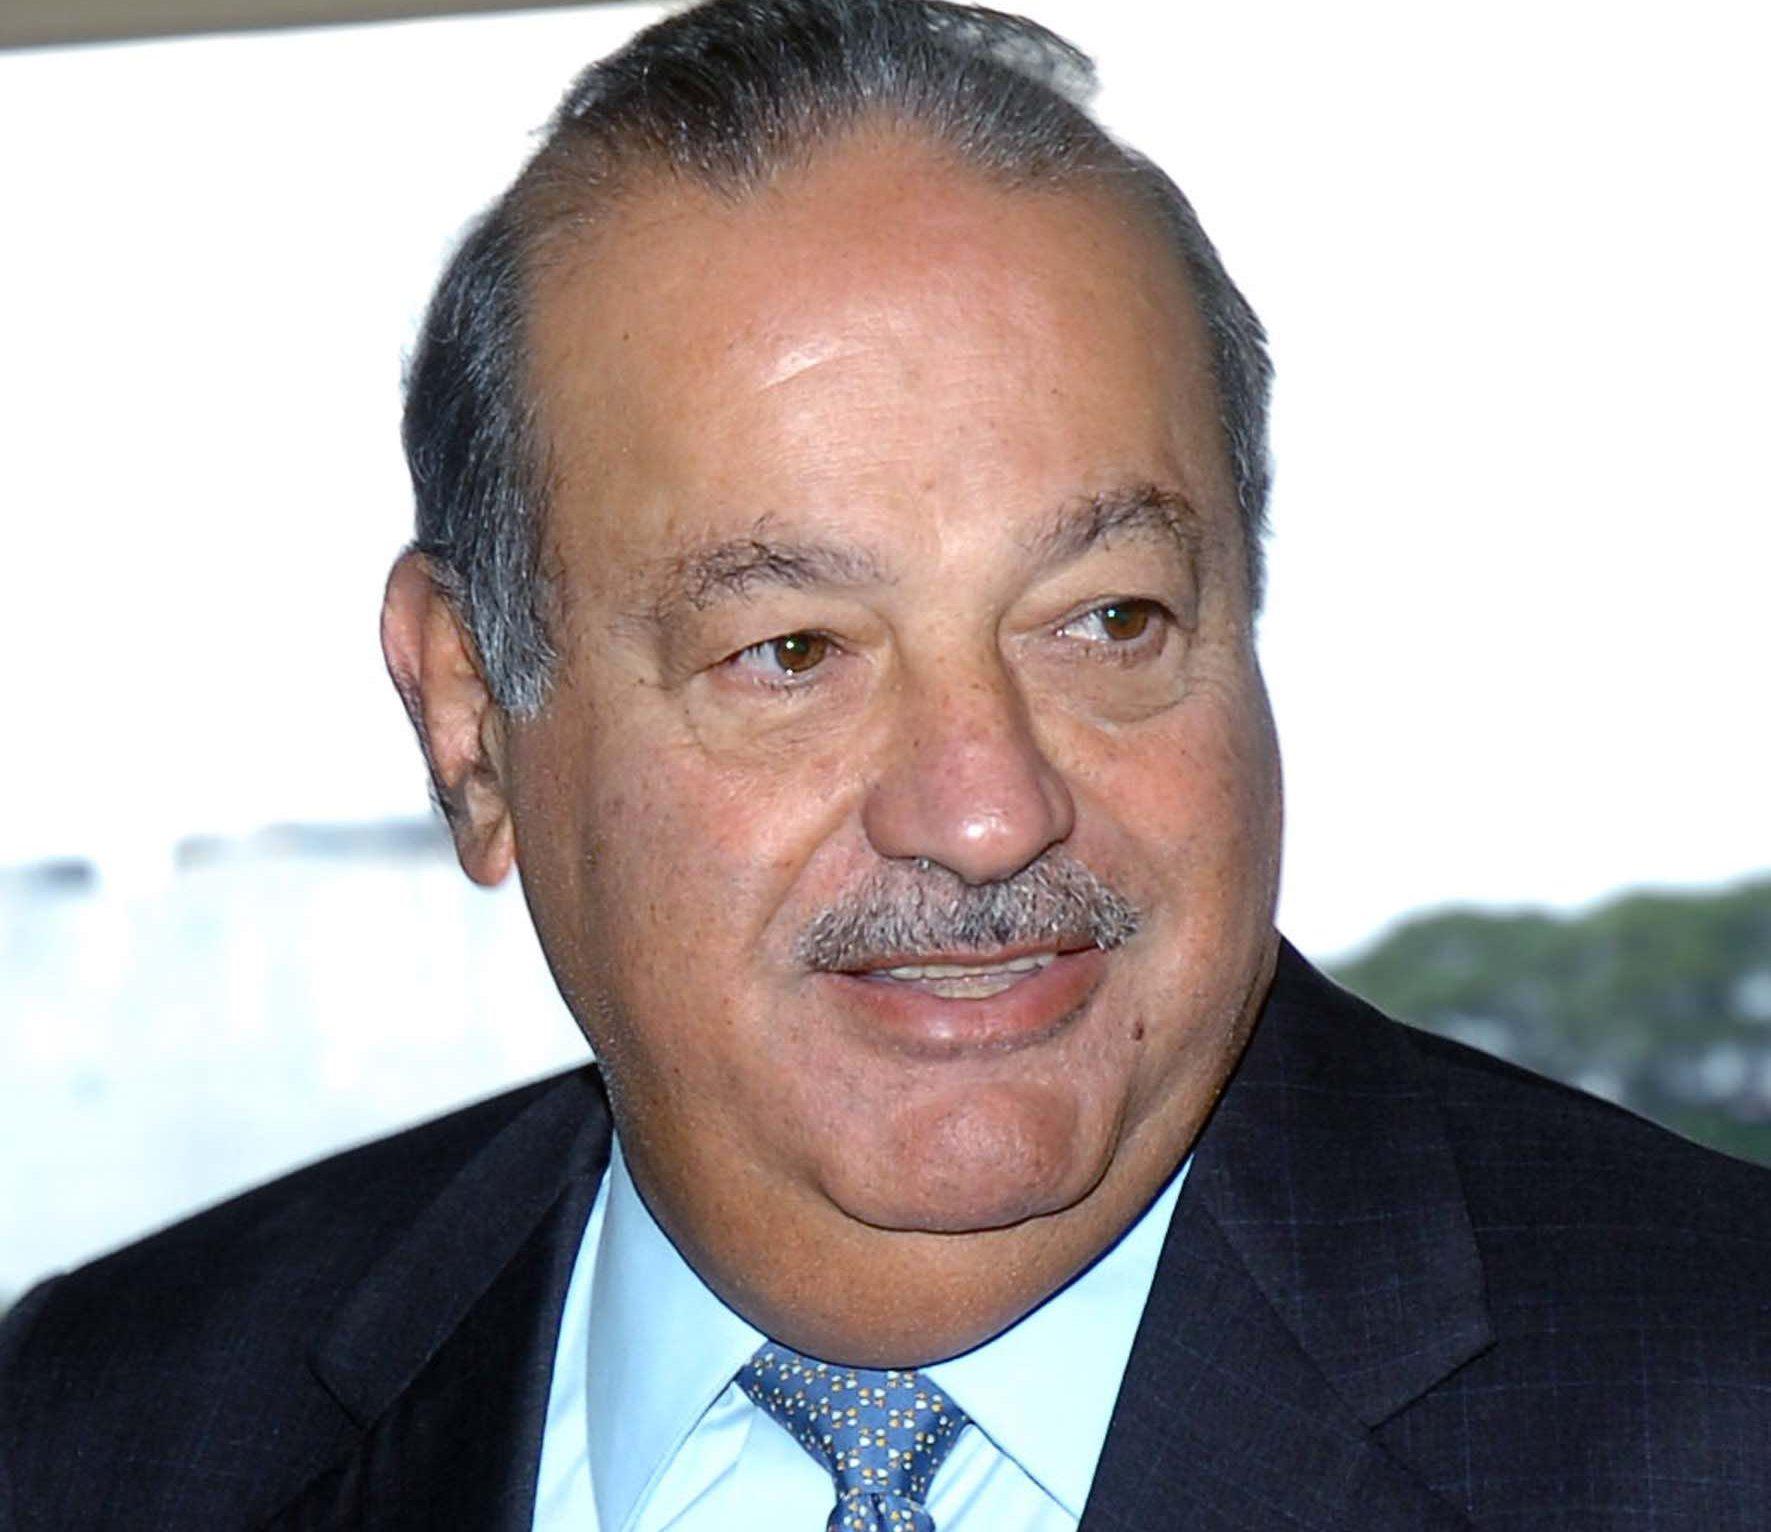 Carlos Slim Helú, es el más rico de México y una las 10 personas más ricas del mundo.